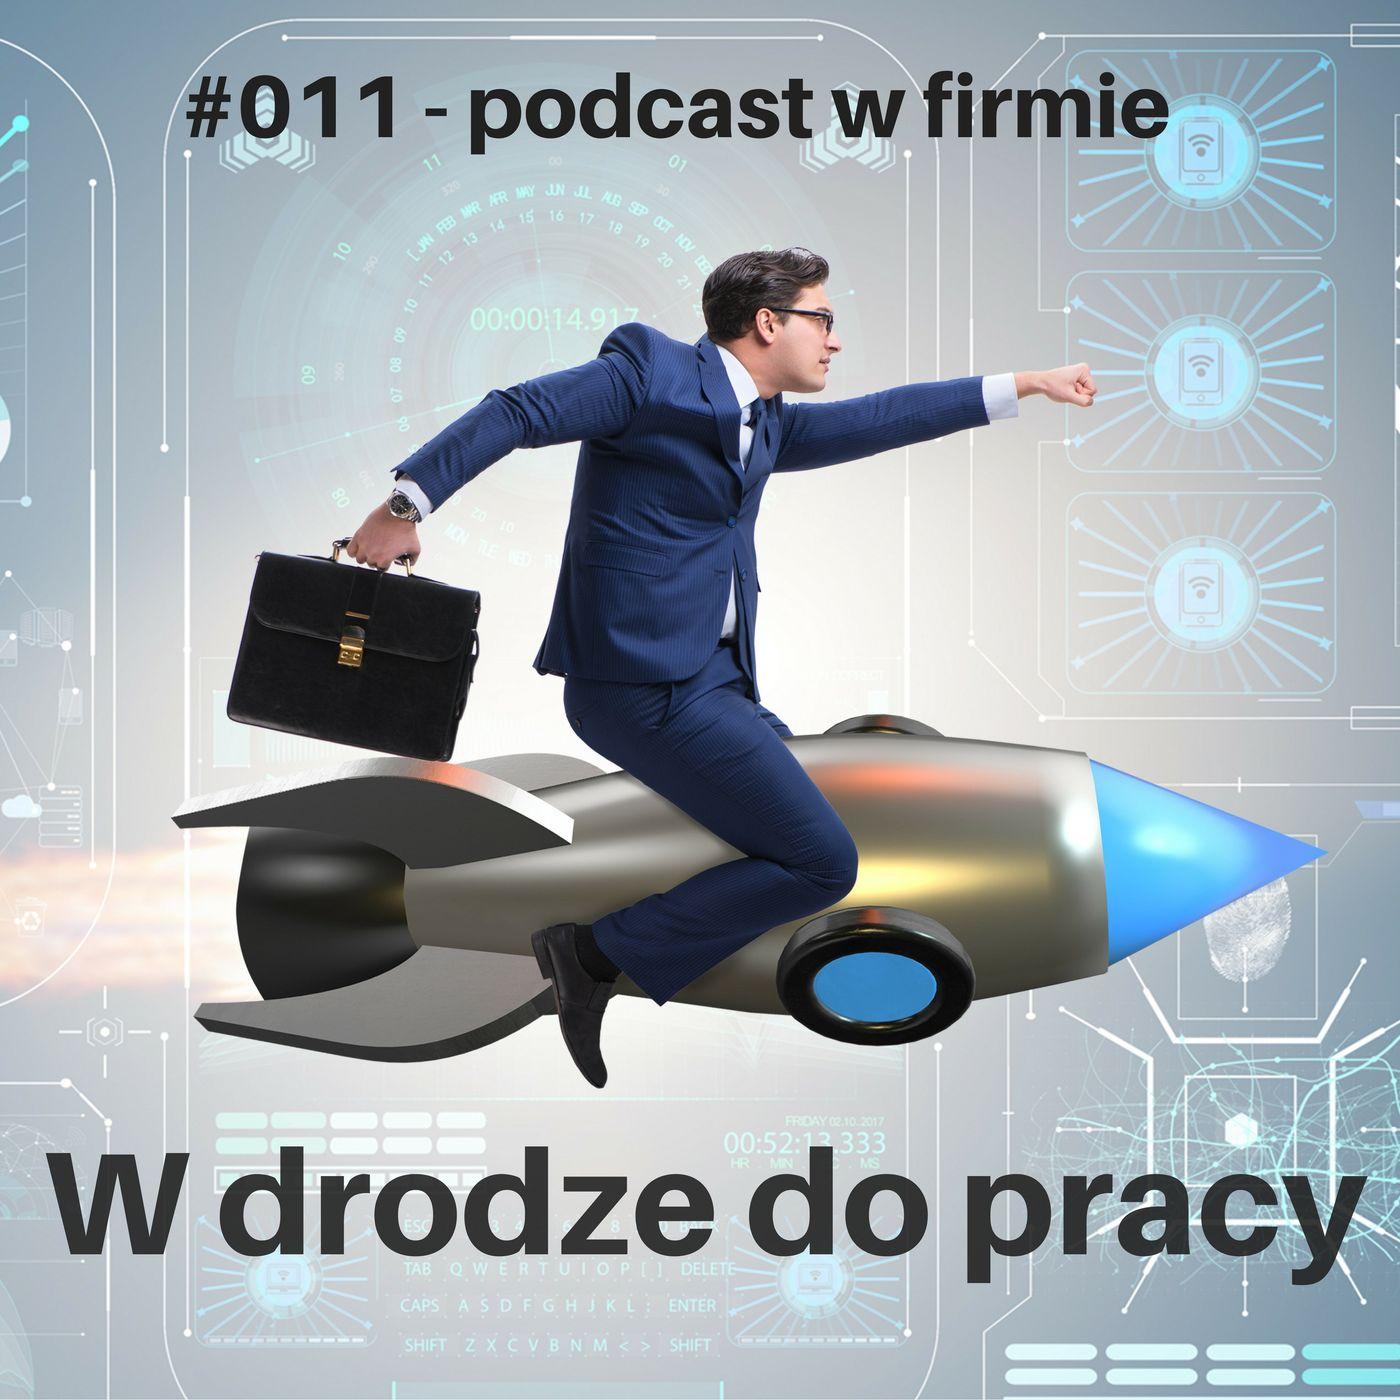 #011 - podcast w życiu firmy, czyli nowoczesny sposób na komunikację